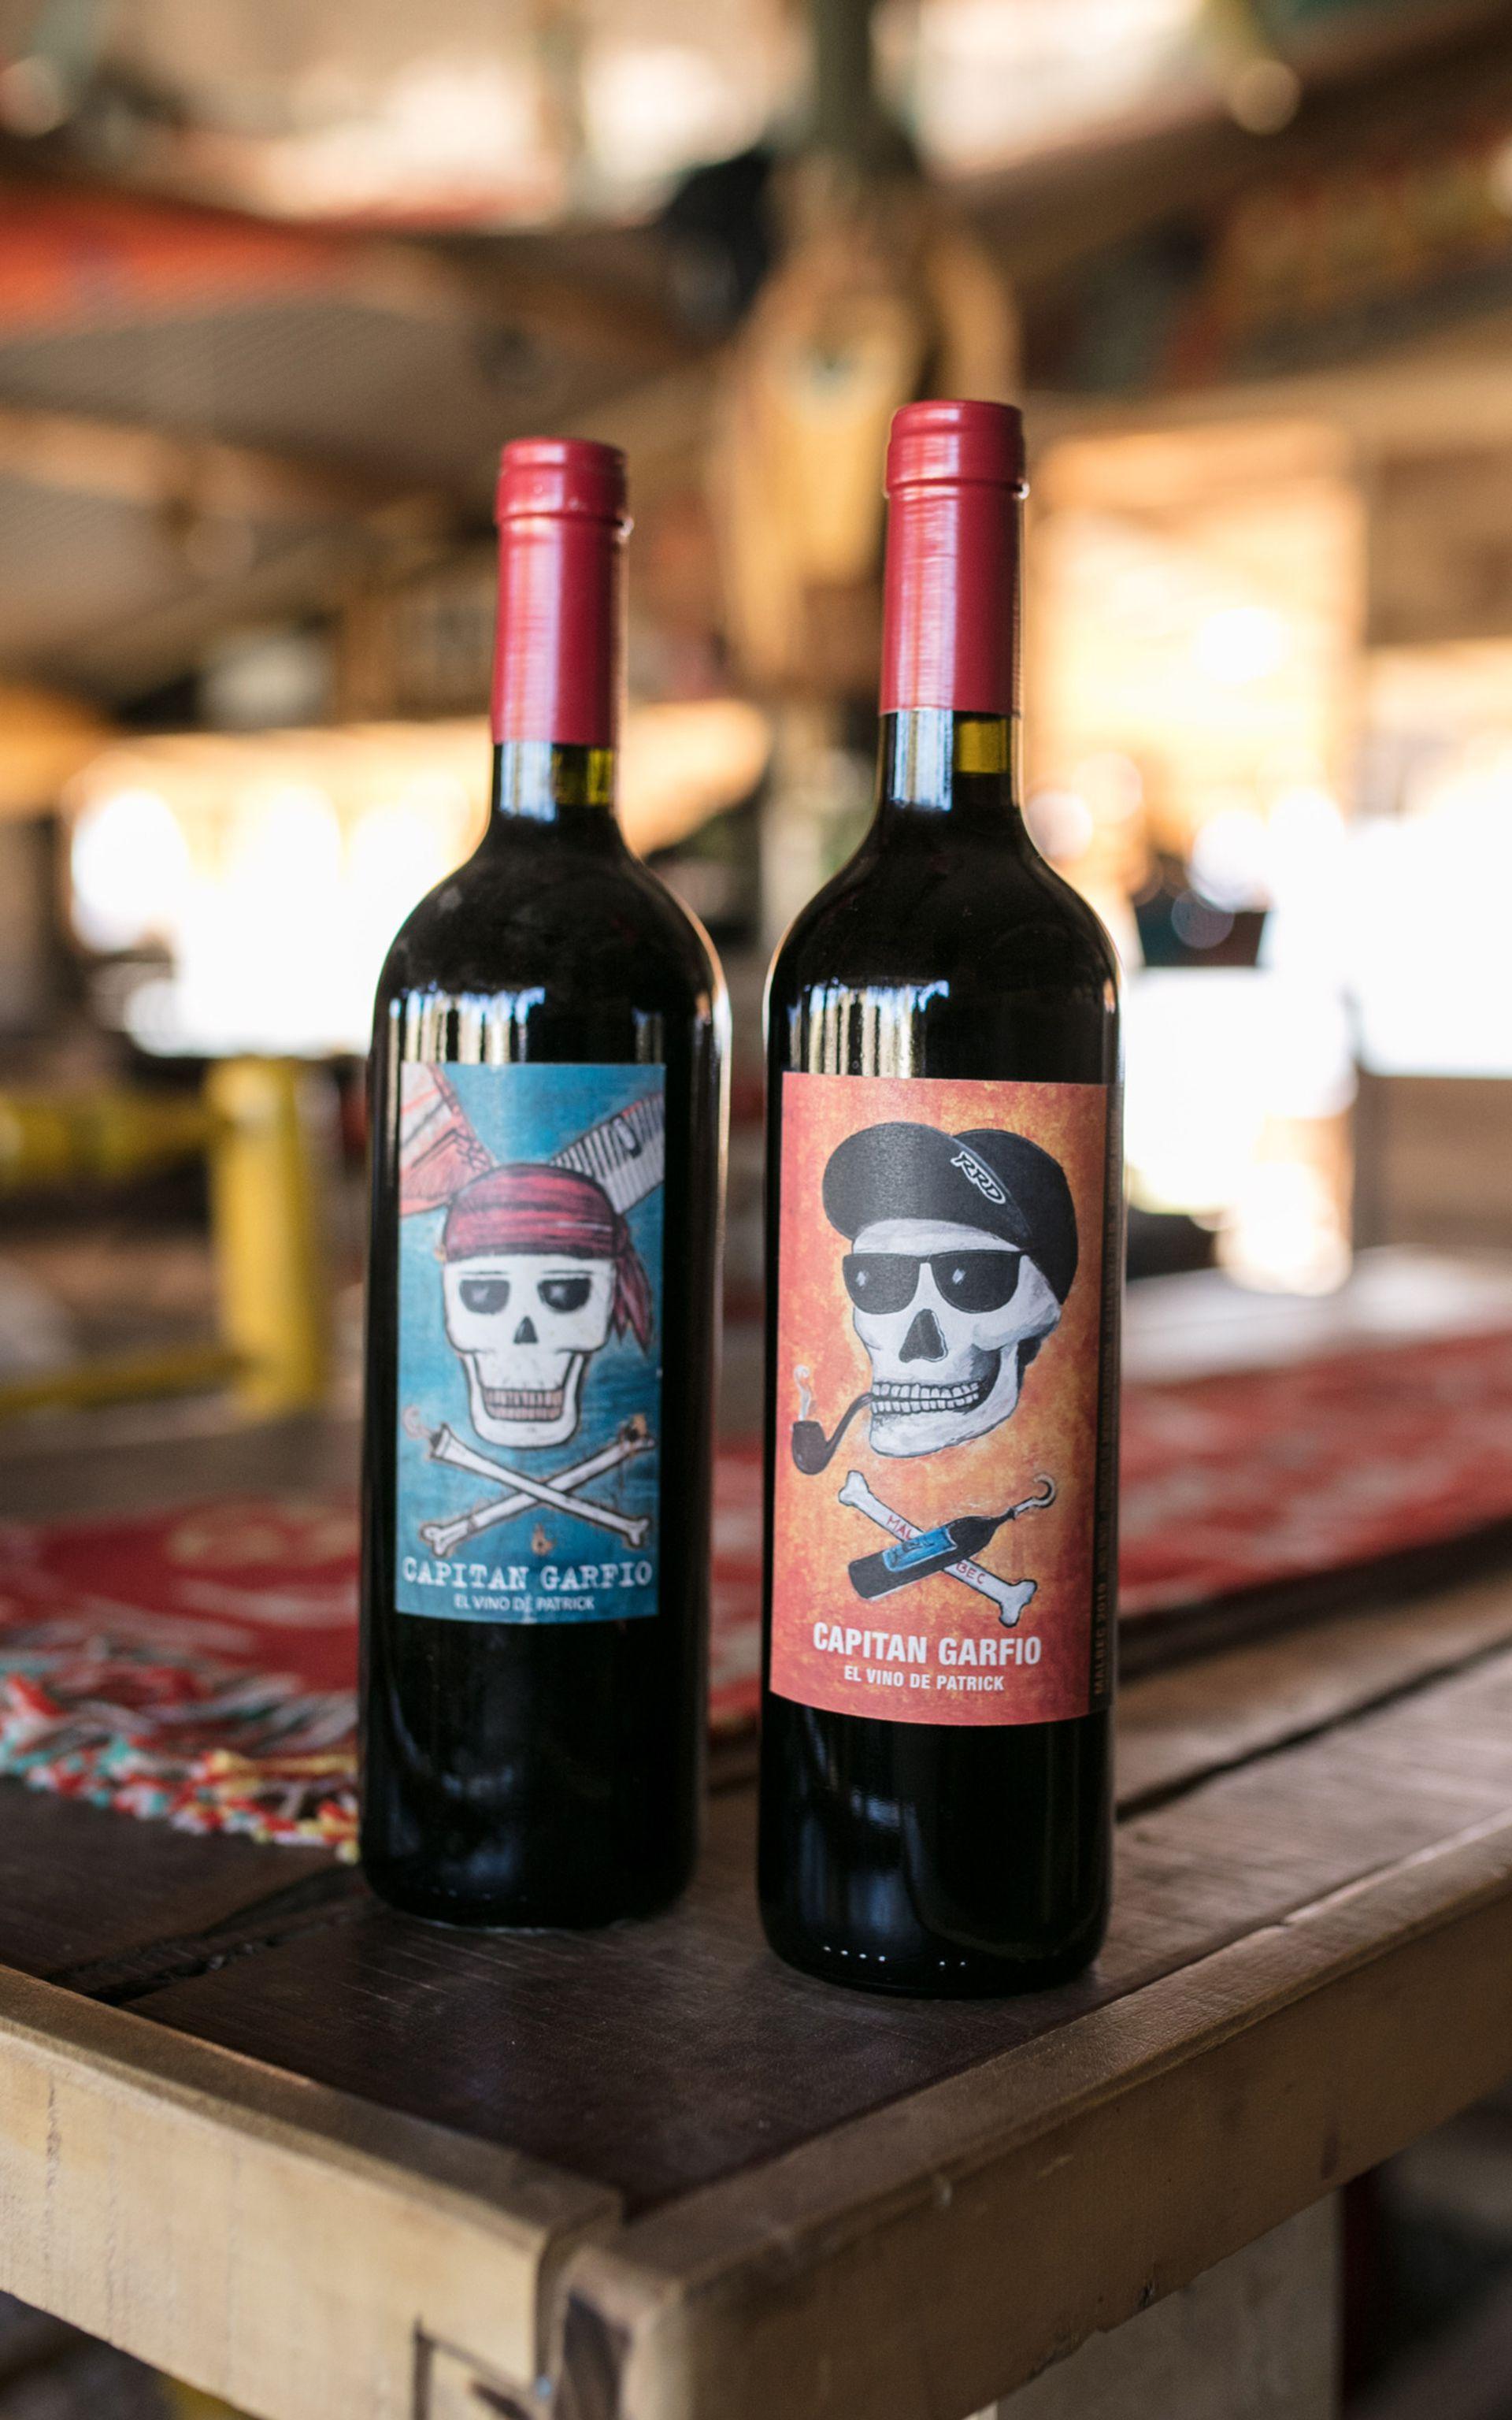 Los vinos Capitán Garfio de Patrick Monaco.